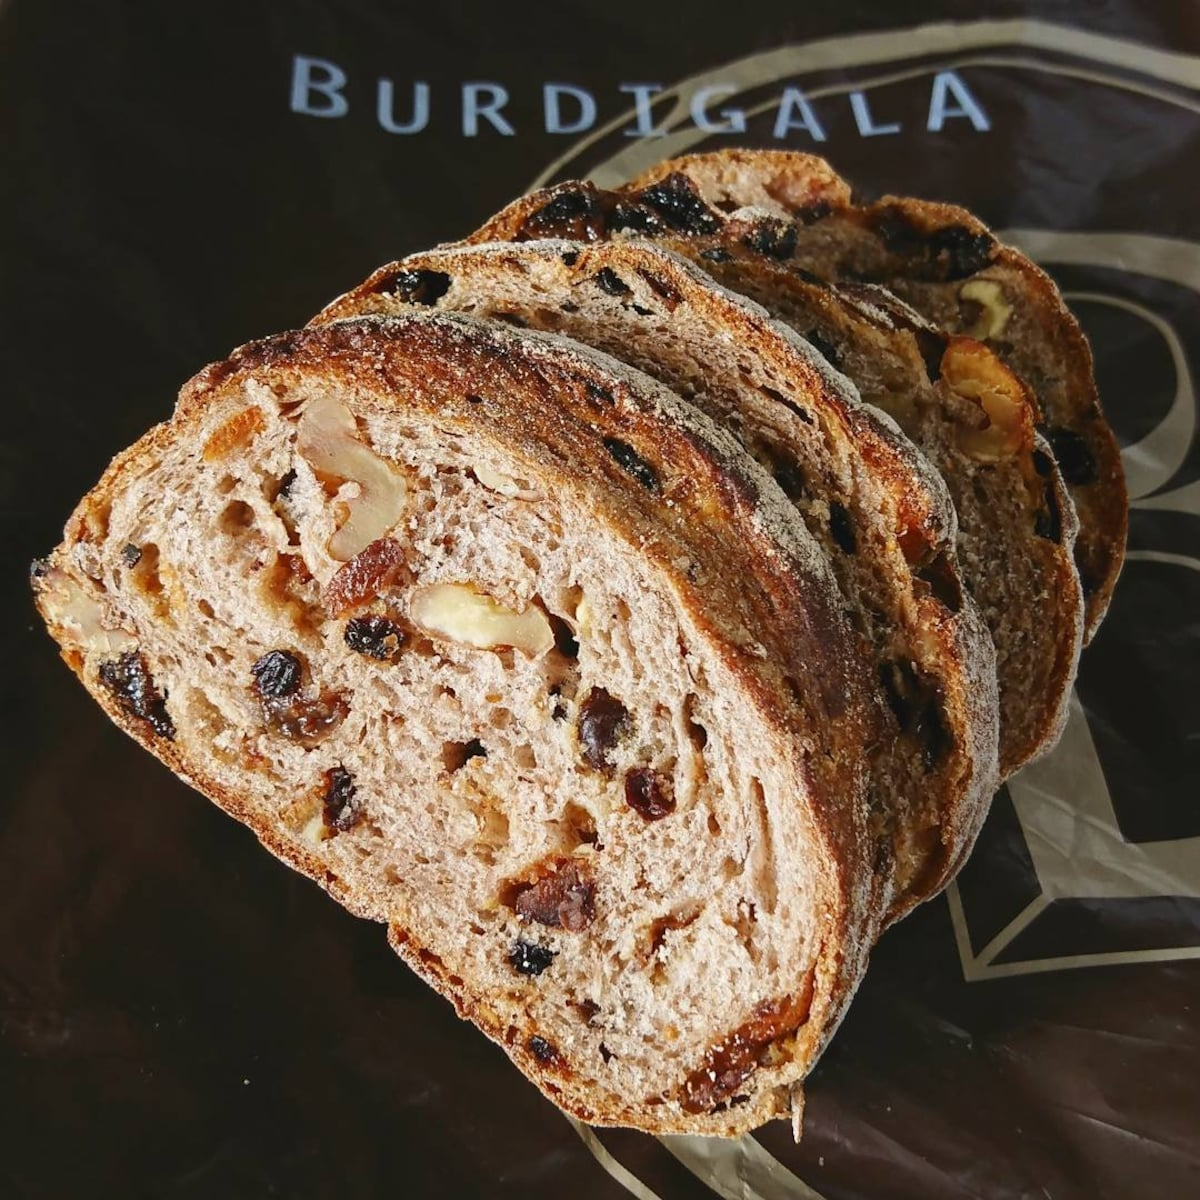 近满分好评的质感面包店 — BURDIGALA EXPRESS JR京都伊势丹店